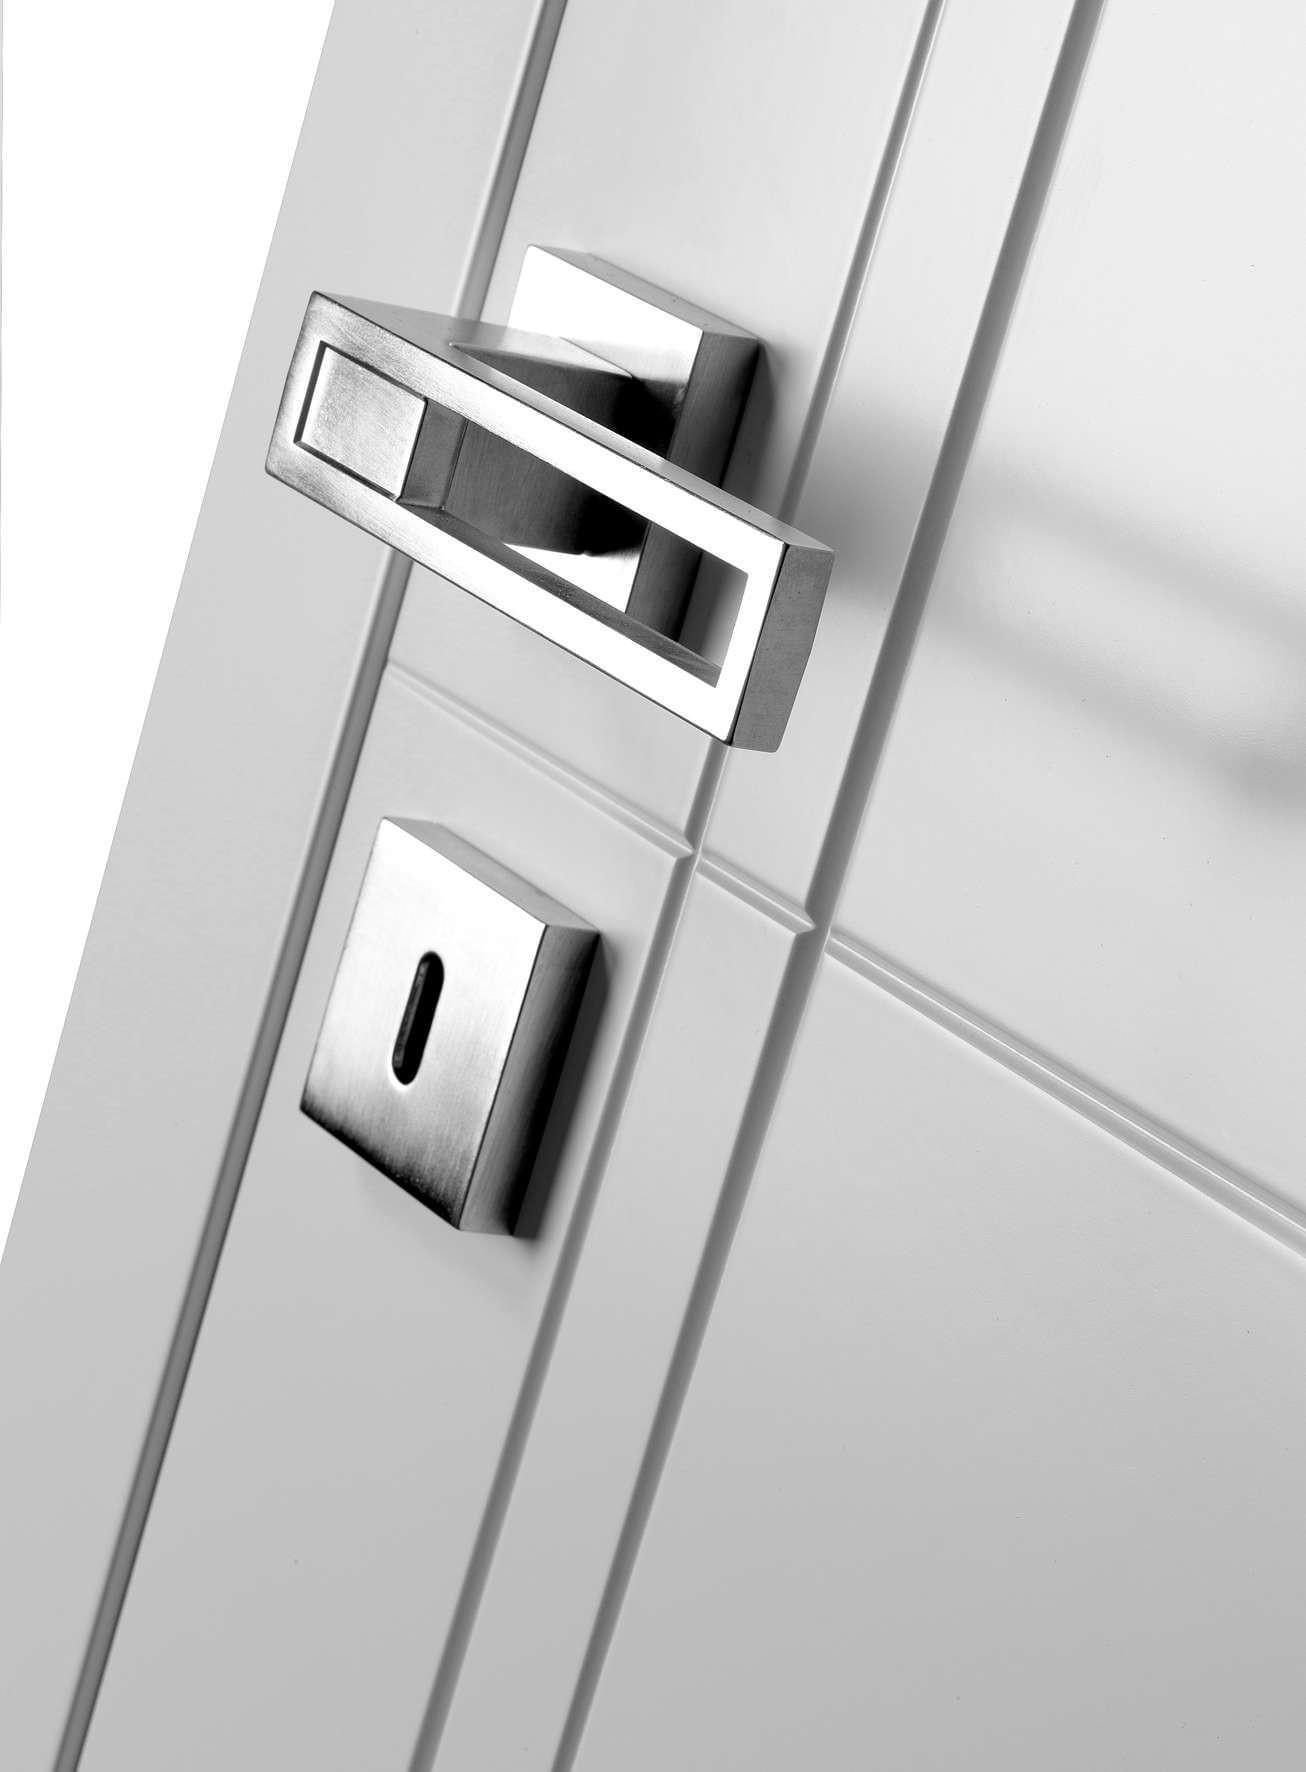 deurklink-binnendeur-modern